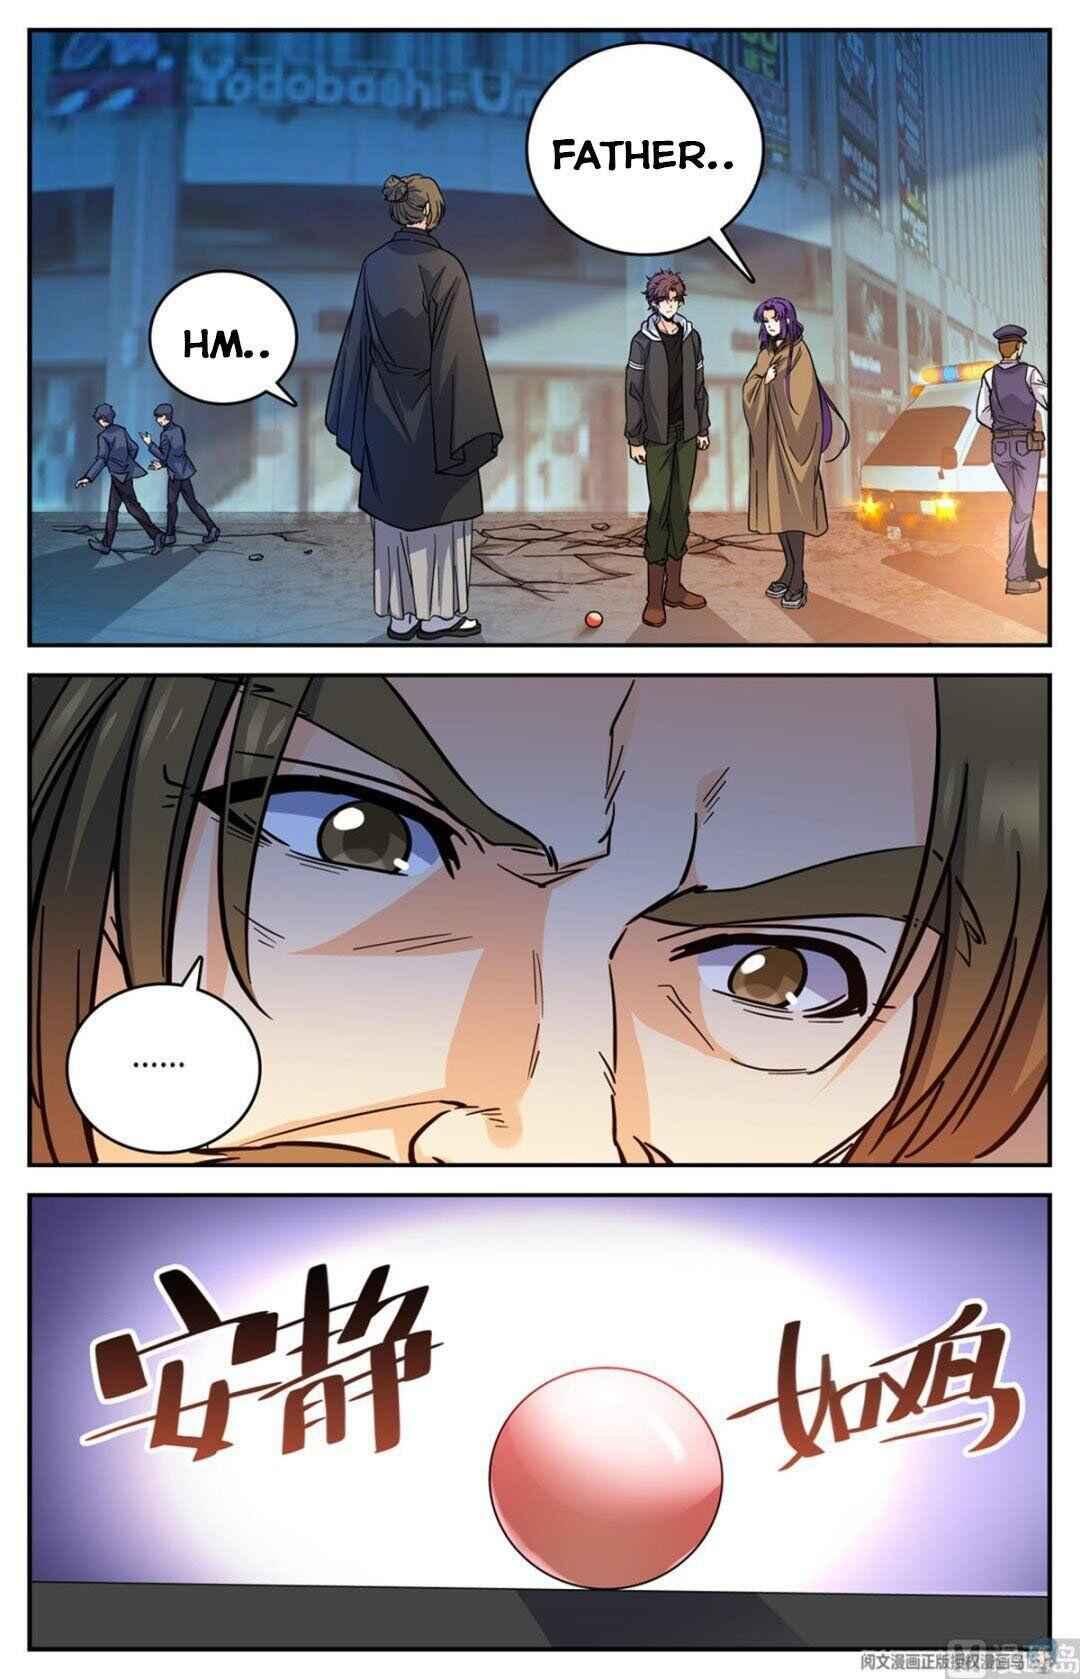 Versatile Mage - chapter 505-eng-li